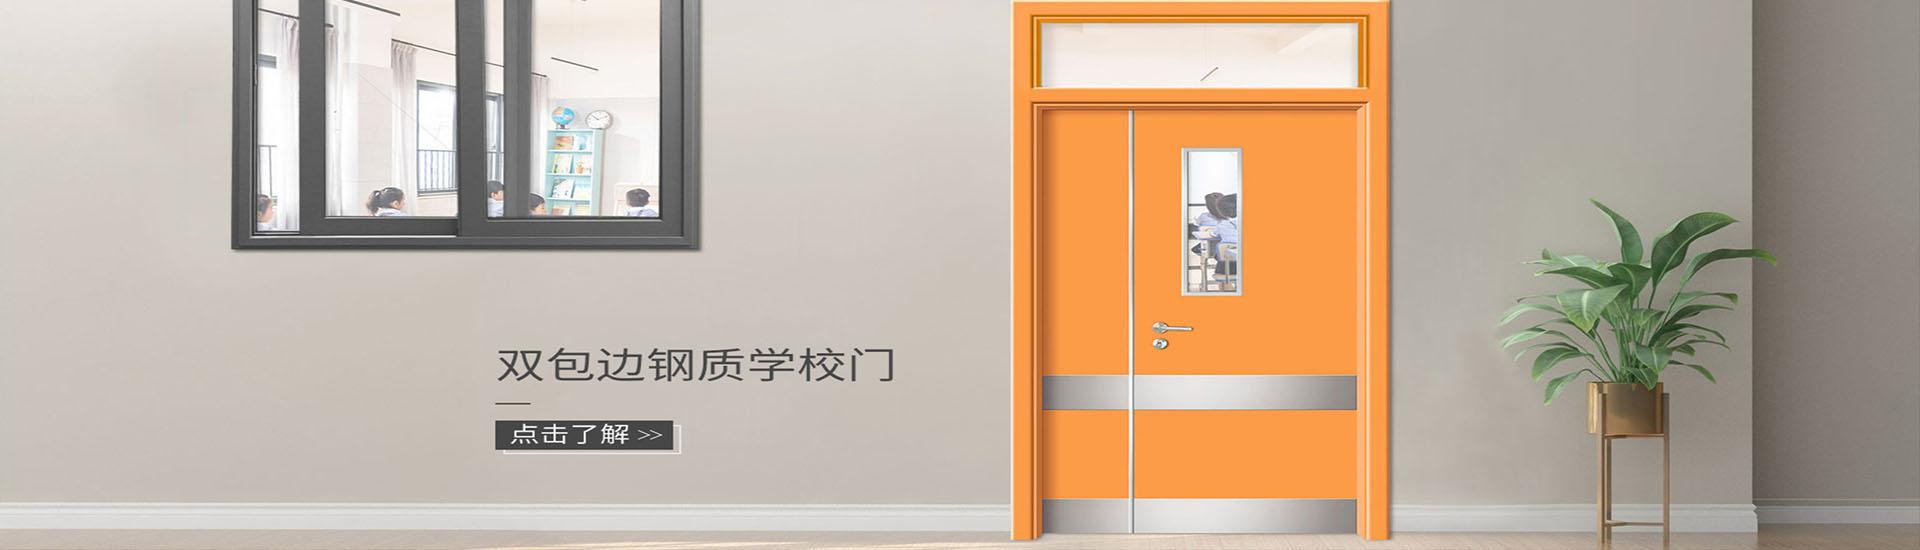 浙江永康门业,盼安医用门病房门医院专用门厂家品牌